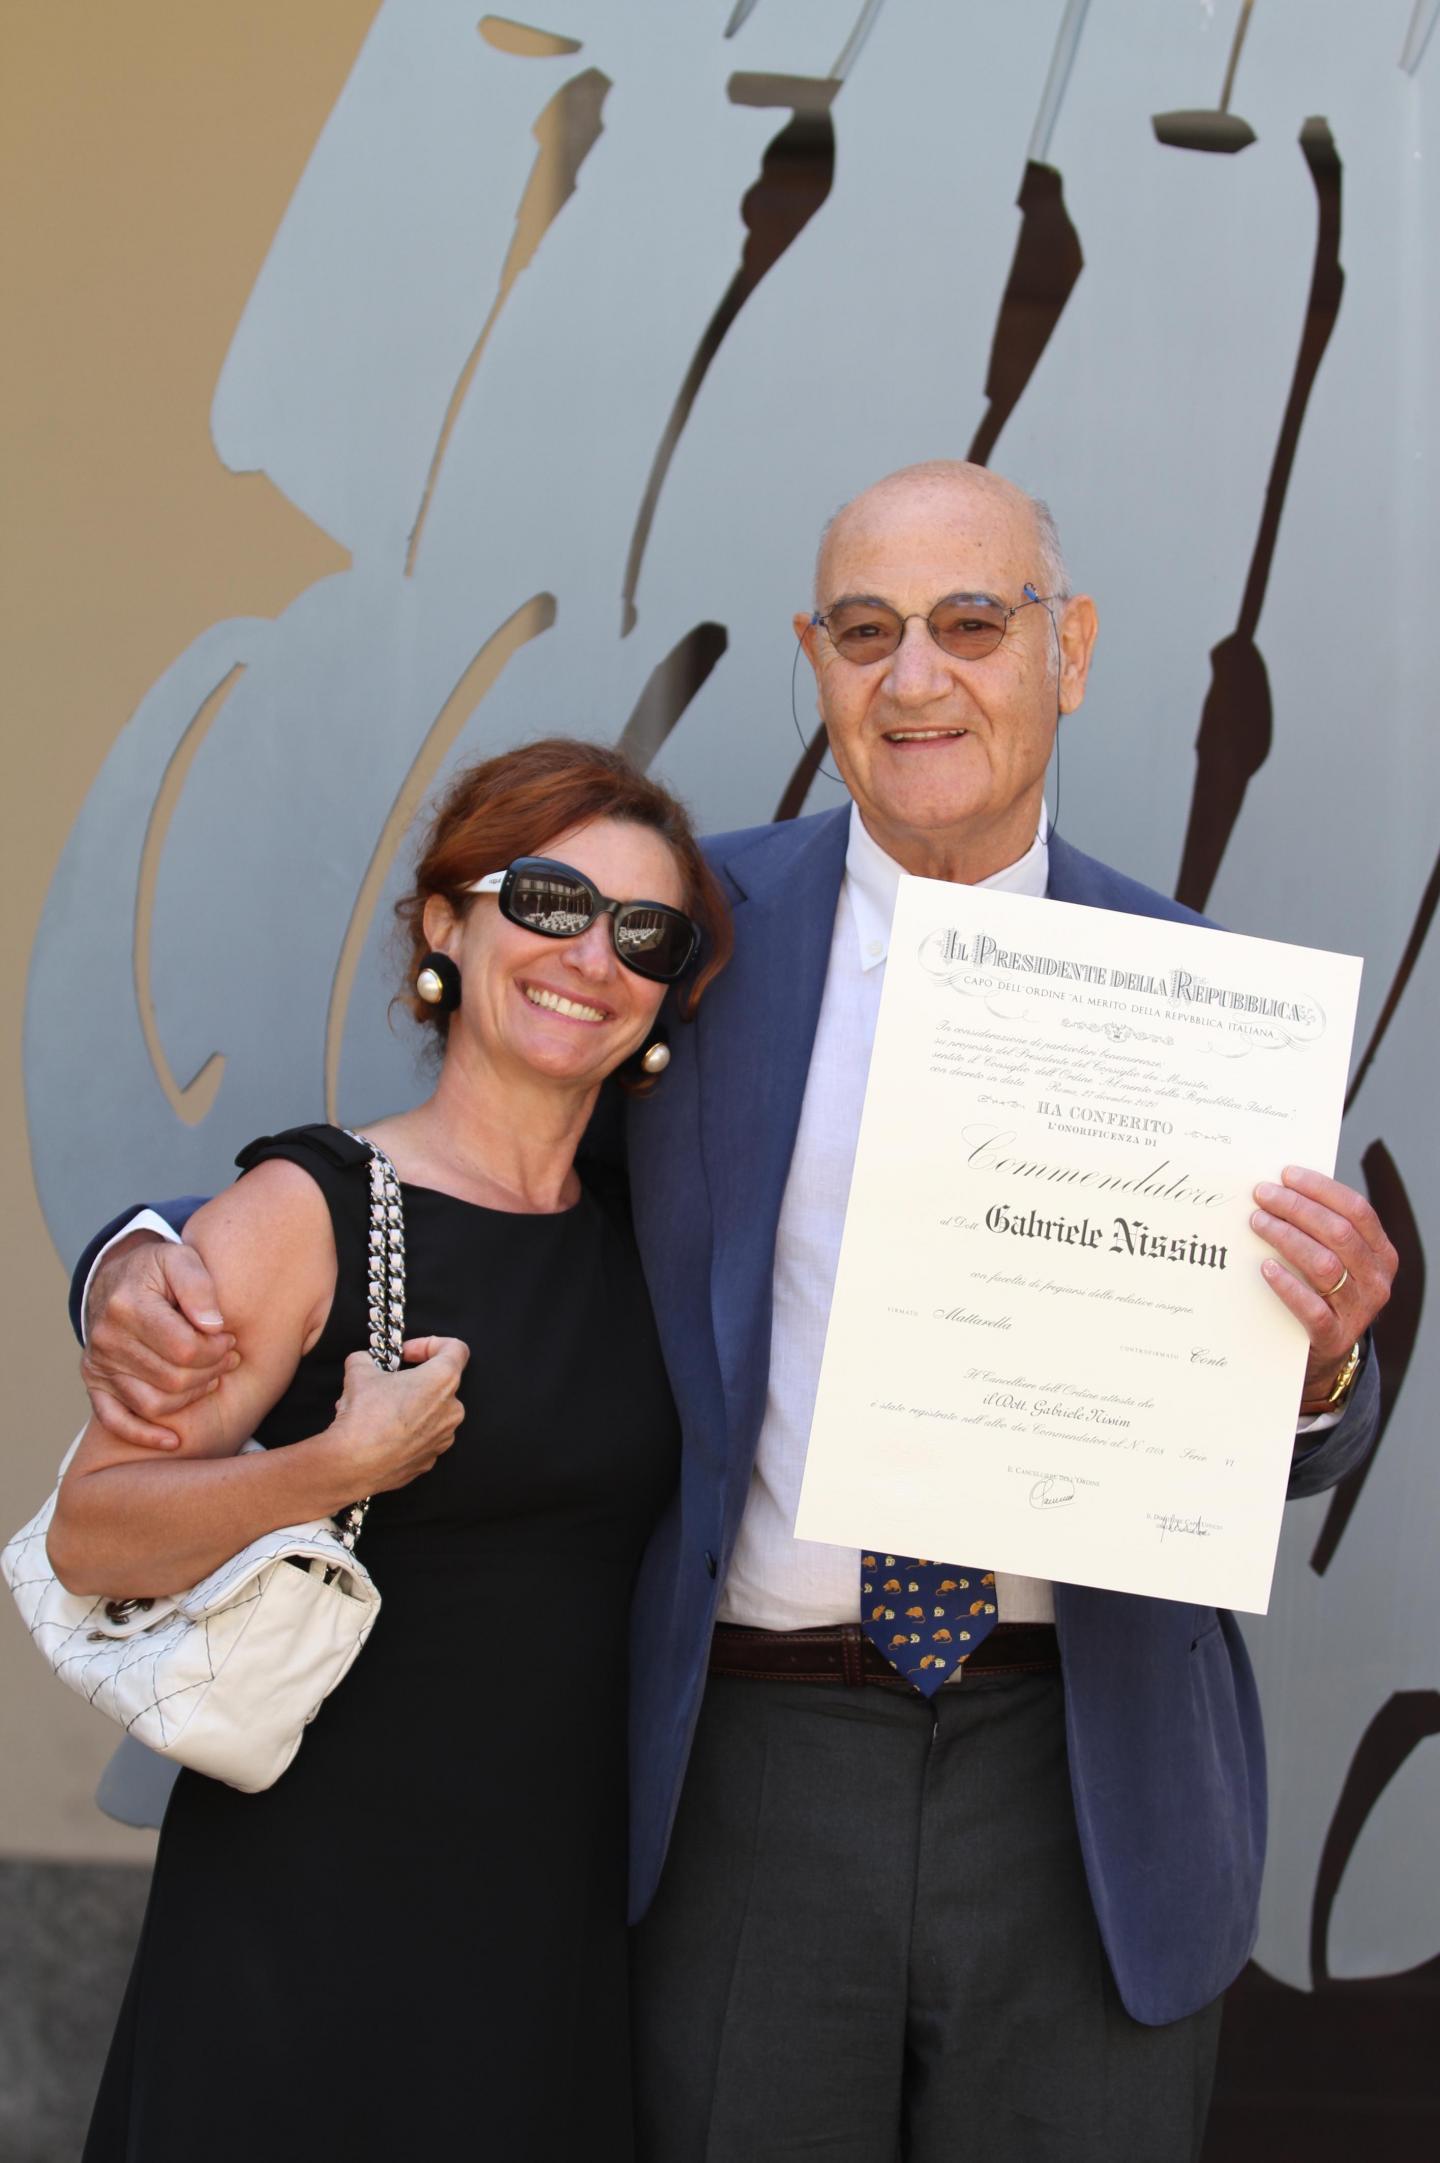 Gabriele Nissim con la moglie Santa Schinardi mostra la pergamena dell'onorificenza ricevuta